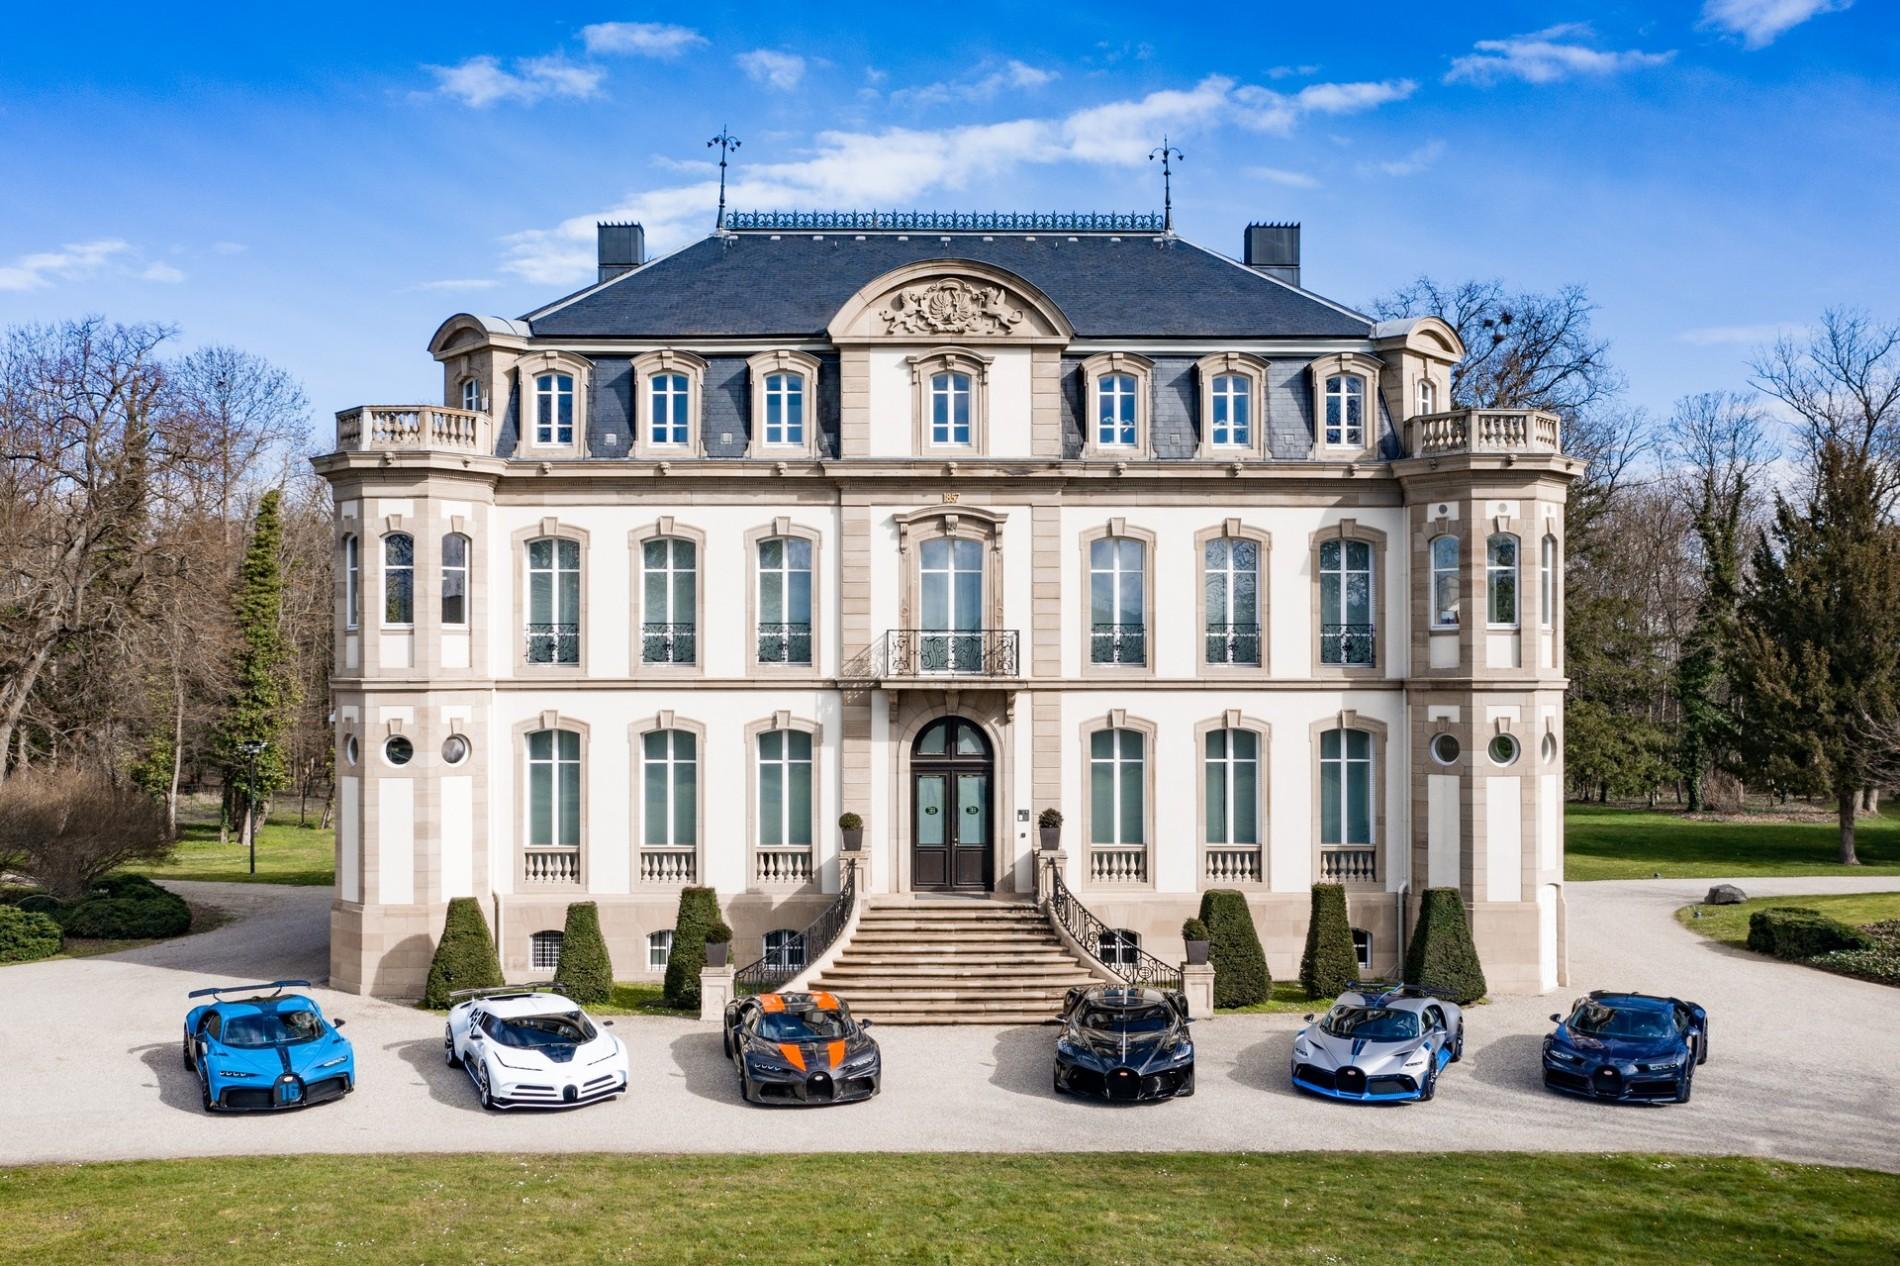 Expozitie Bugatti - Expozitie Bugatti